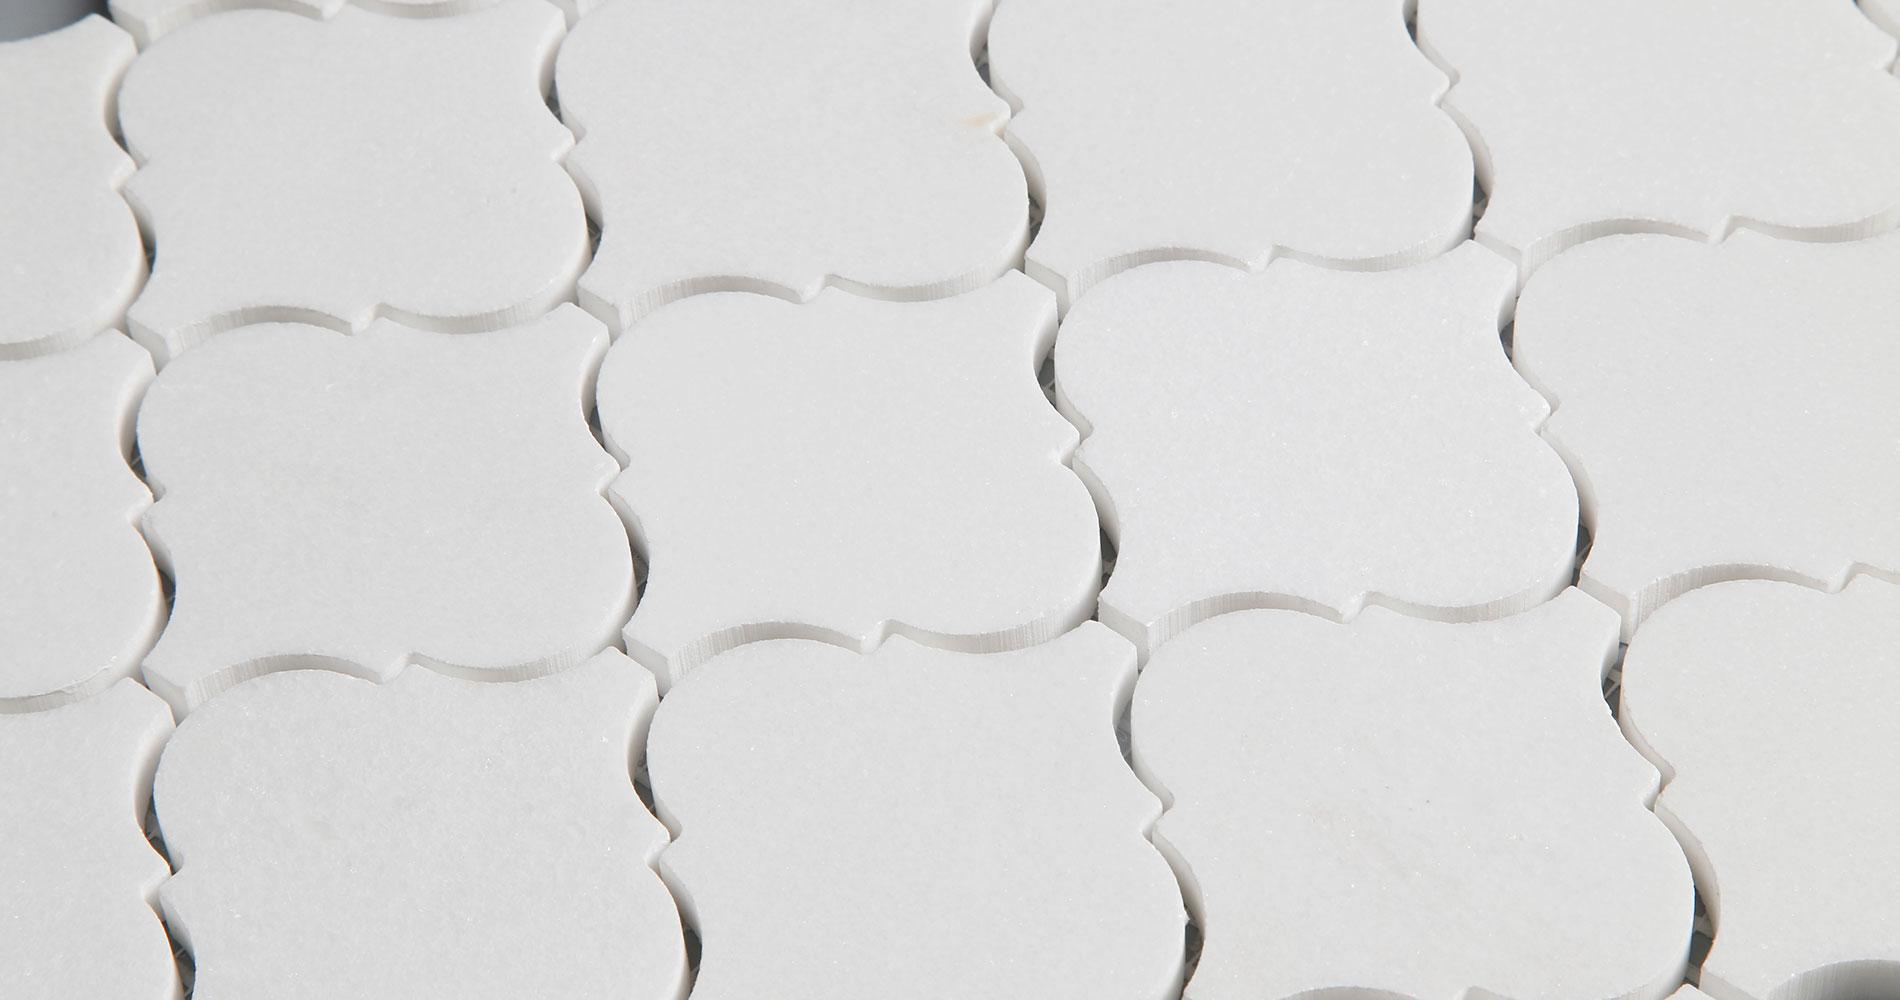 centurymosaic-white-thassos-Arabesque-Marble-Mosaic-Tile-Collection-2